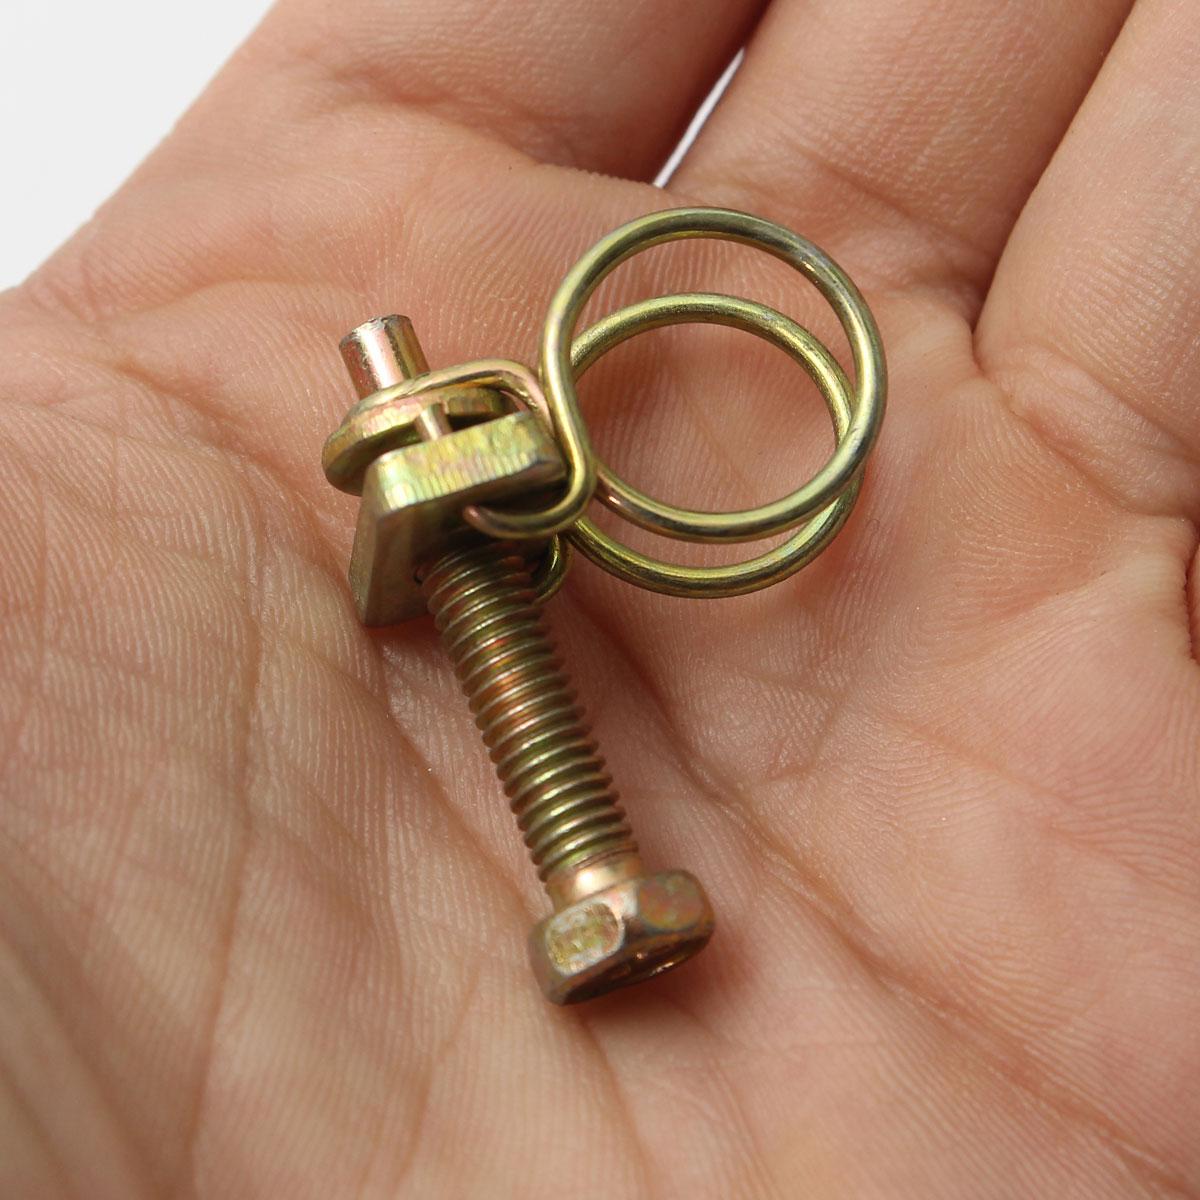 safety screws